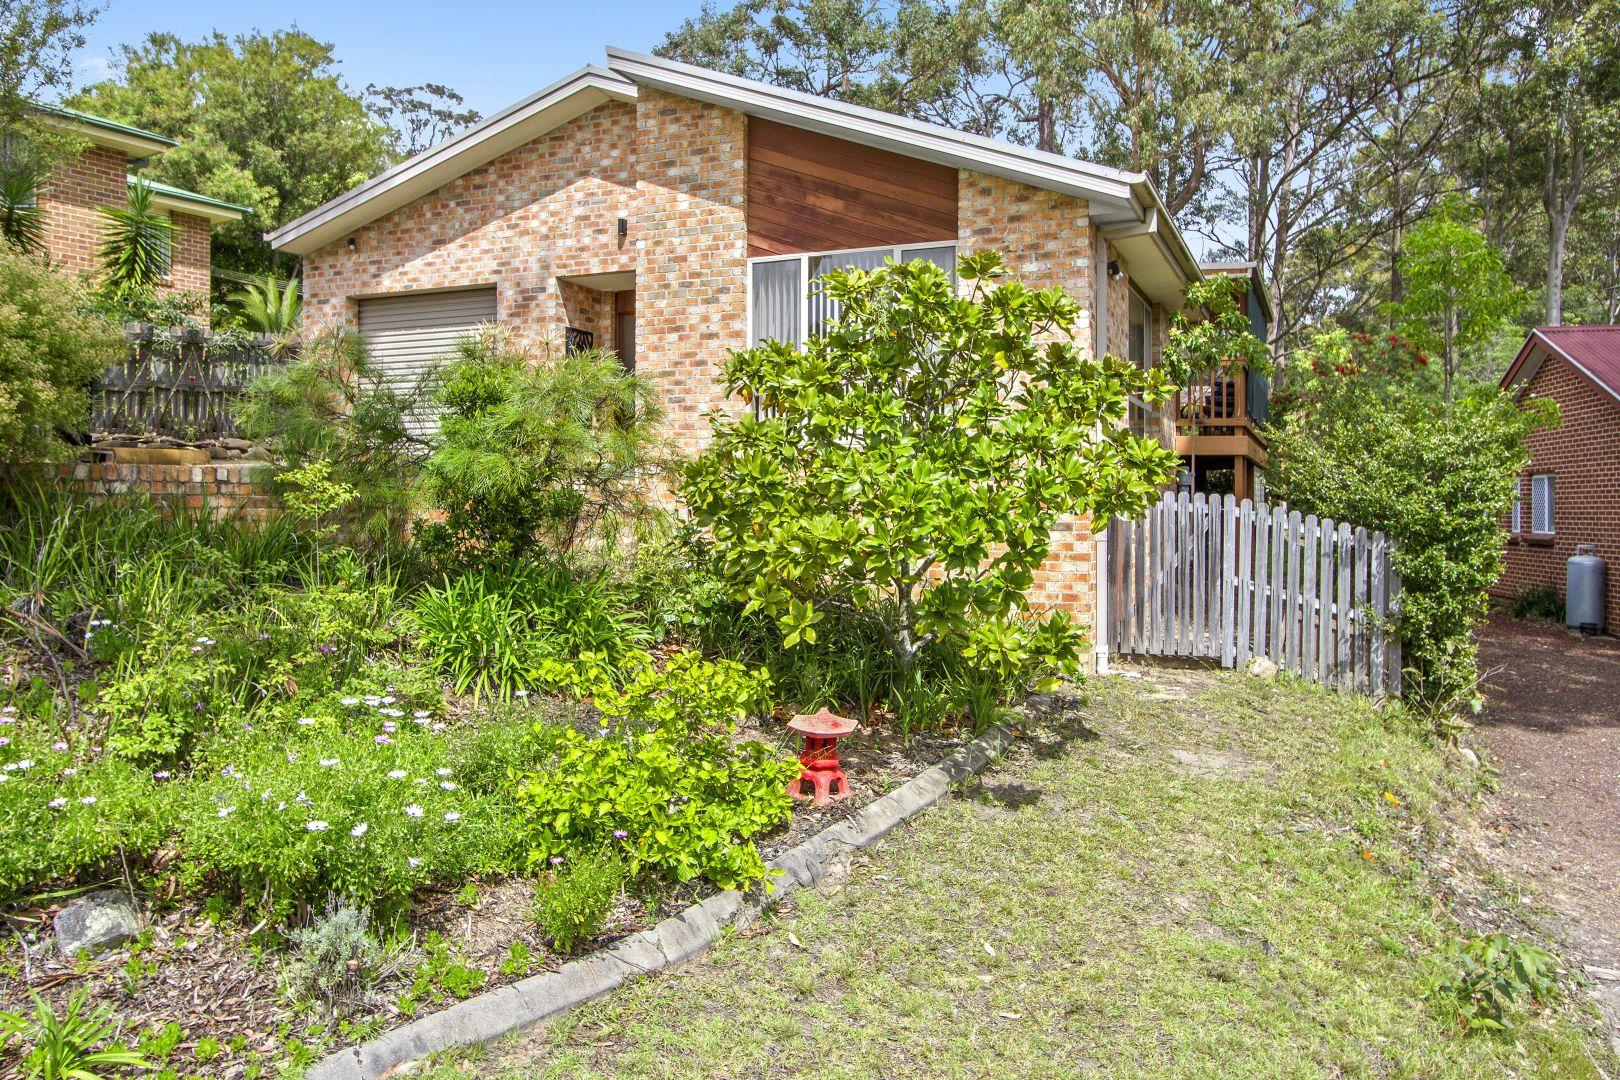 9A Carramar Drive, Lilli Pilli NSW 2536, Image 2